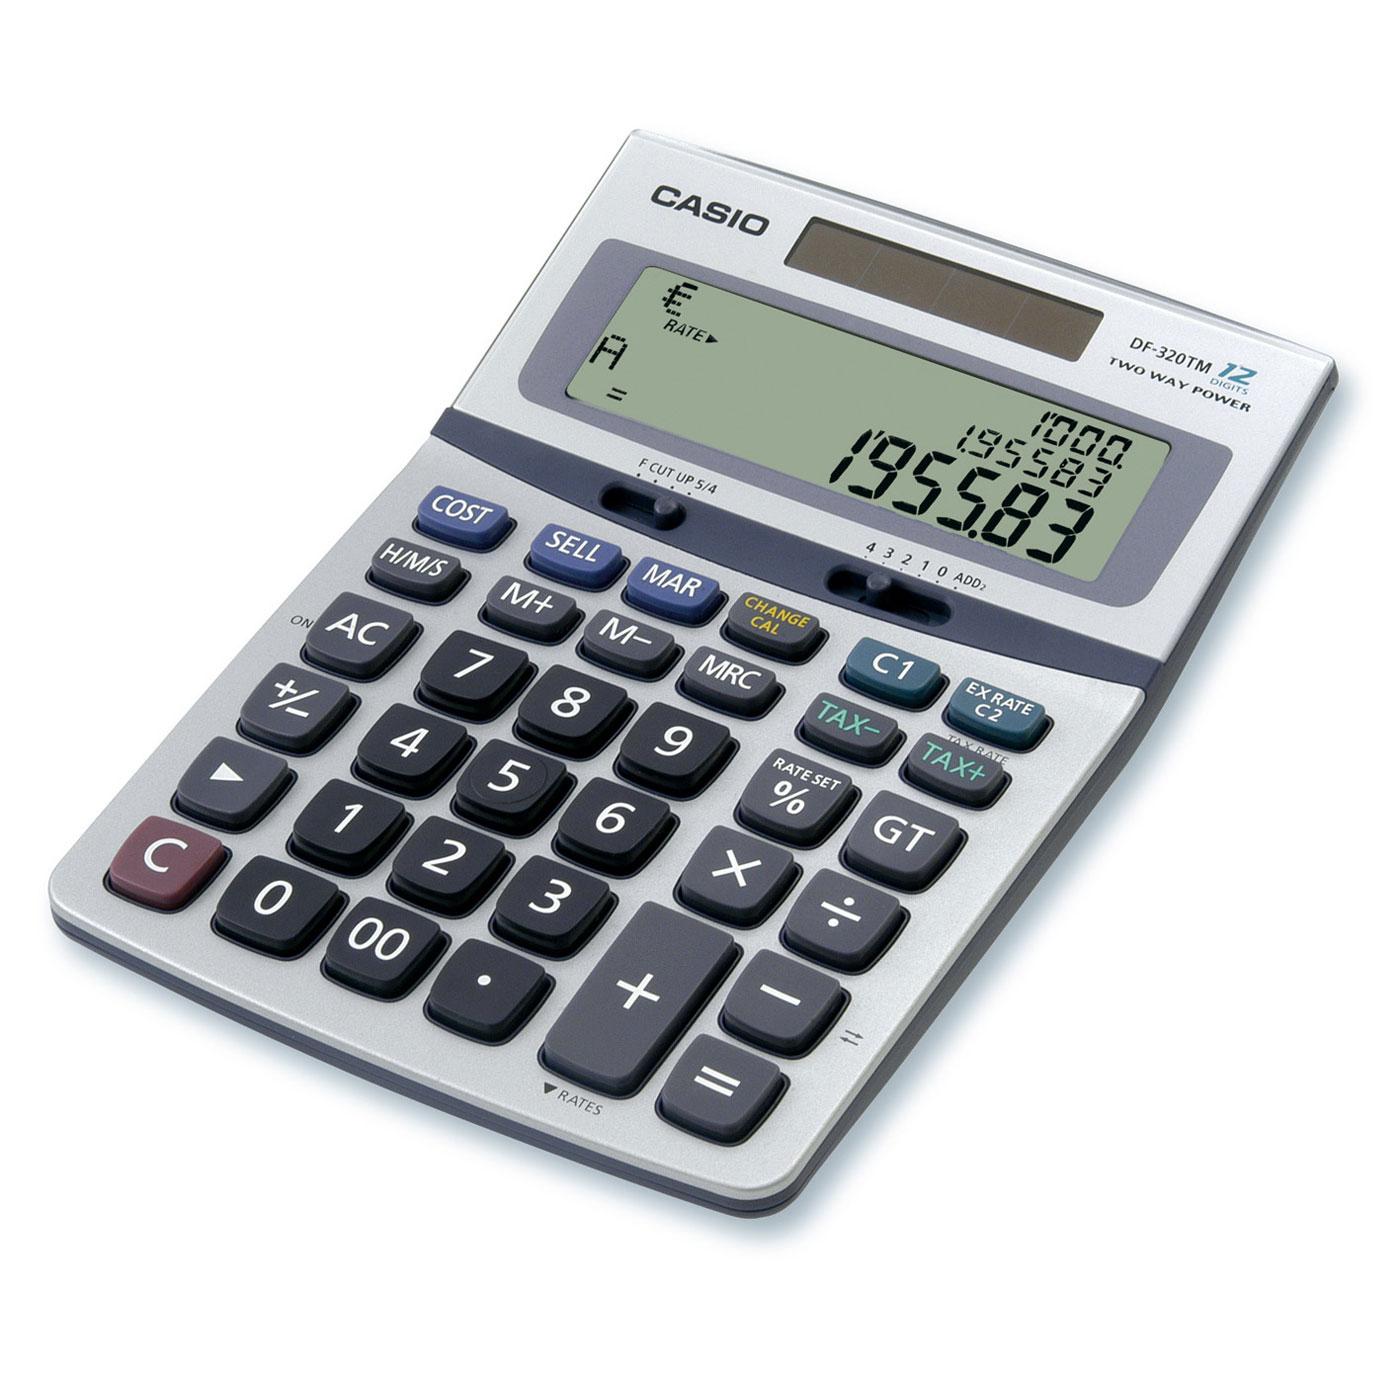 Casio Df 320tm Calculatrice De Bureau Df 320tm Achat